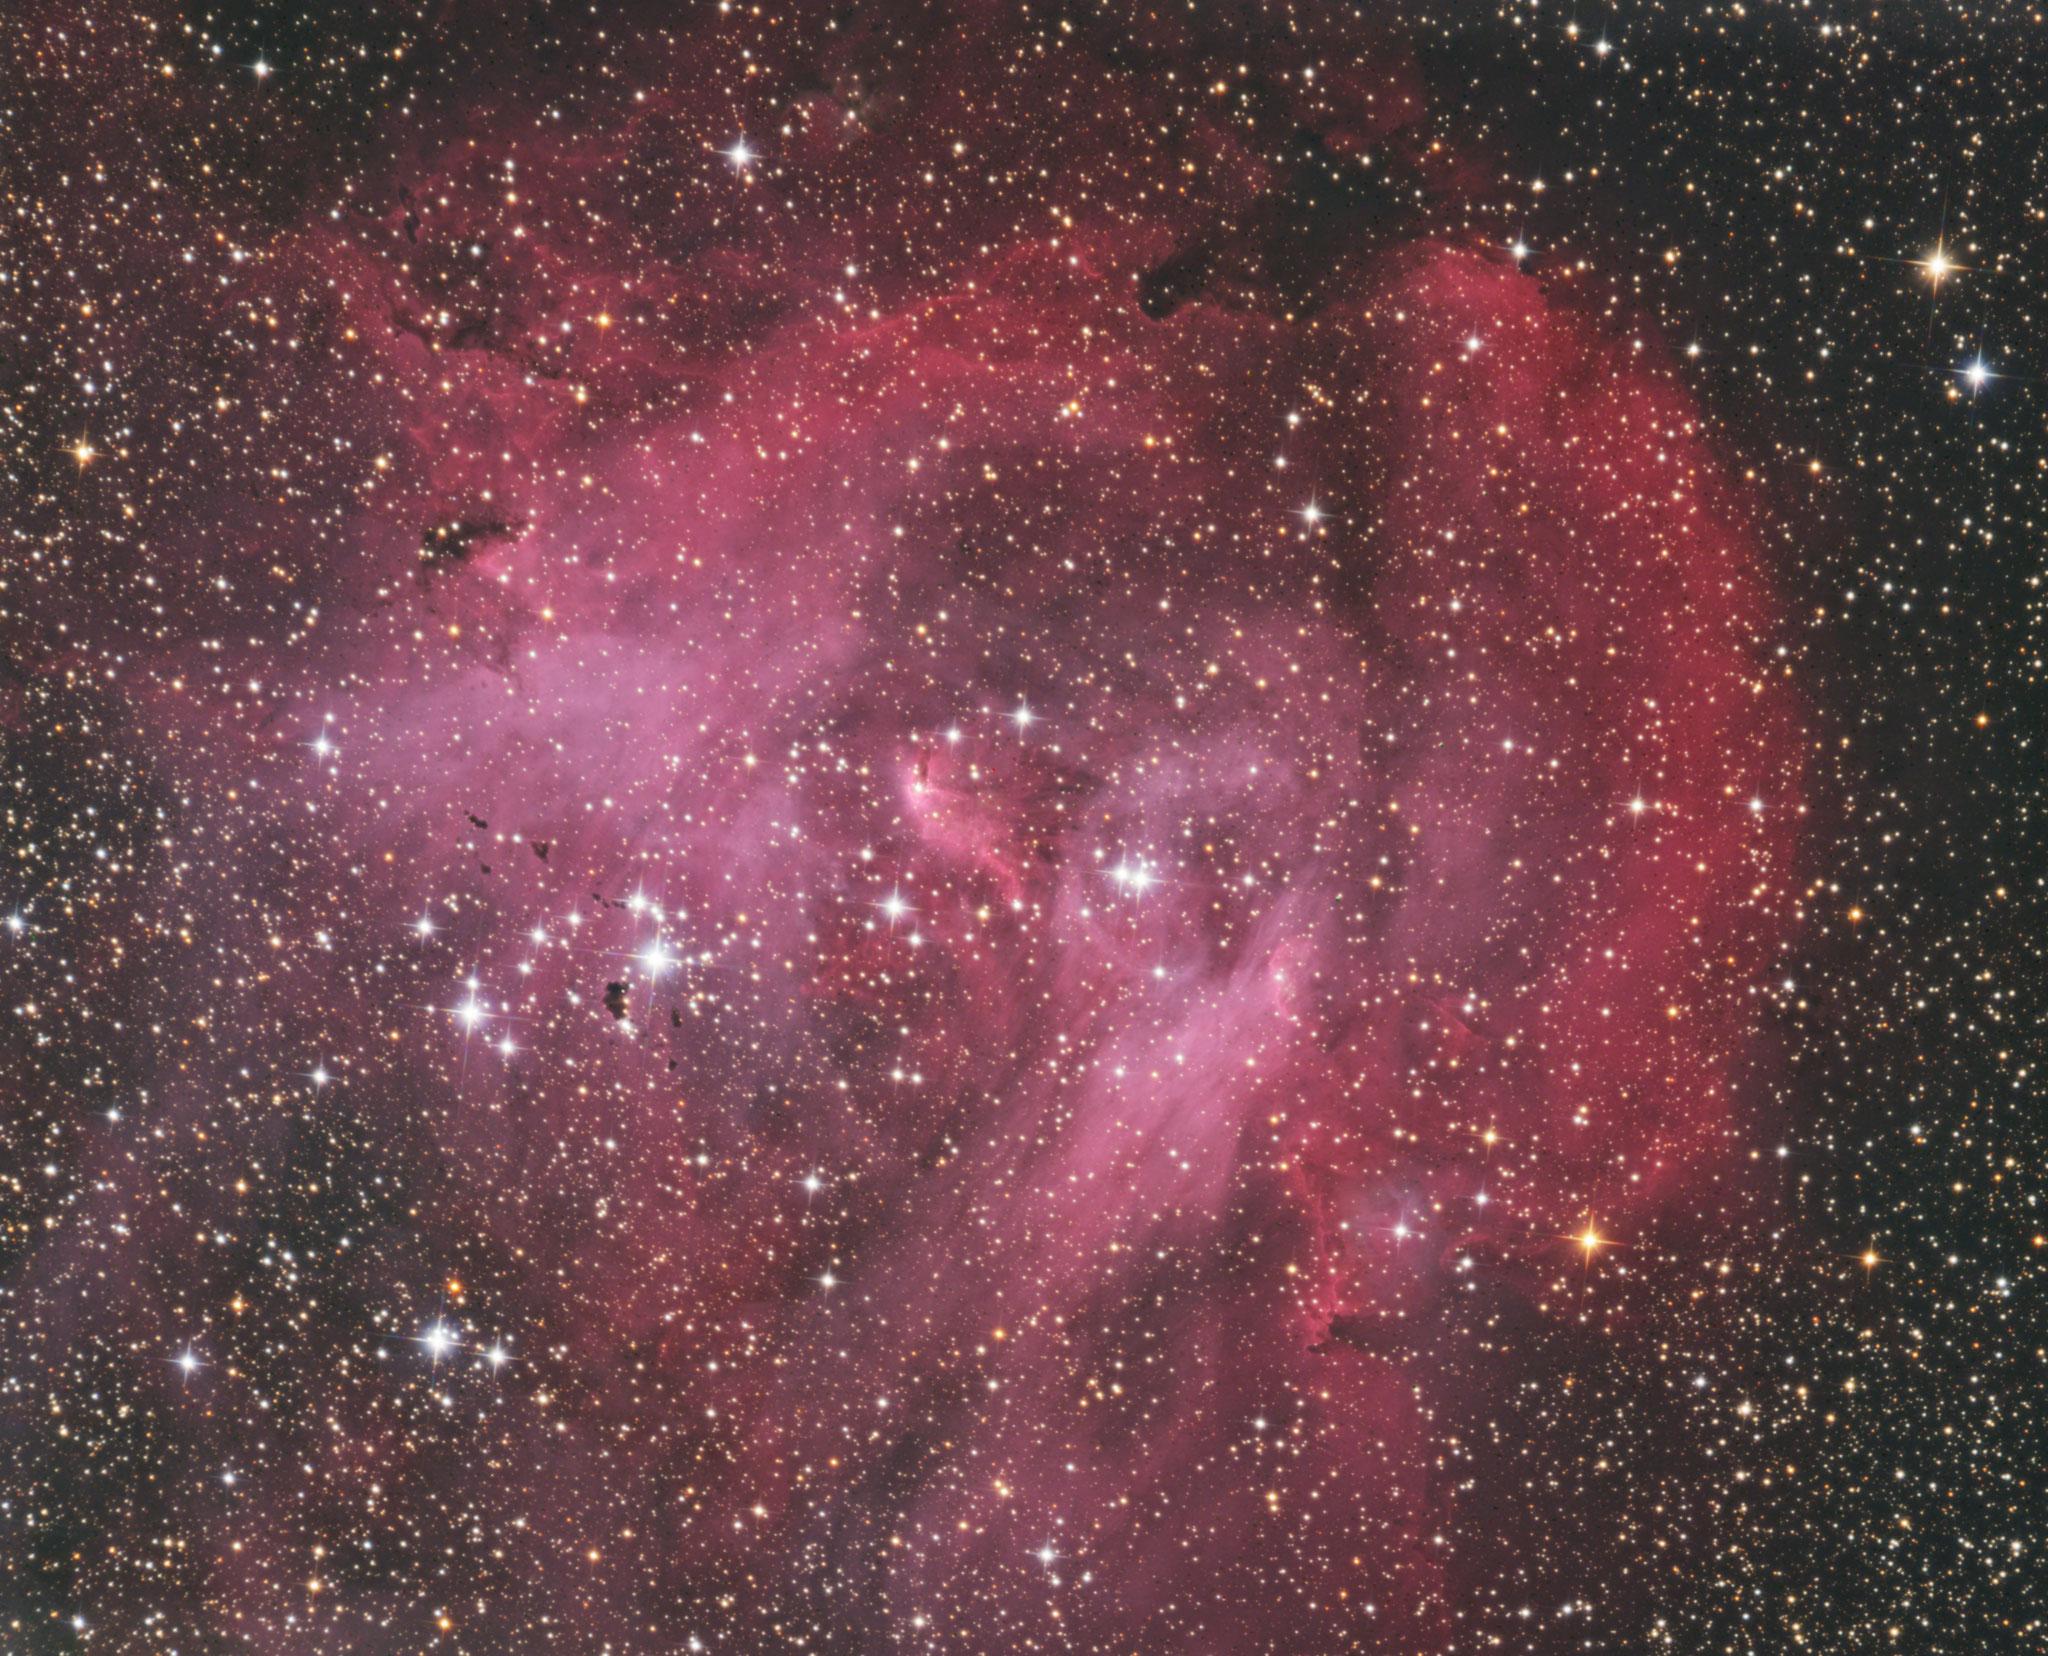 IC2944, nébuleuse à émission associé à un amas ouvert, constellation du Centaure, T355 Chili, mars 2018